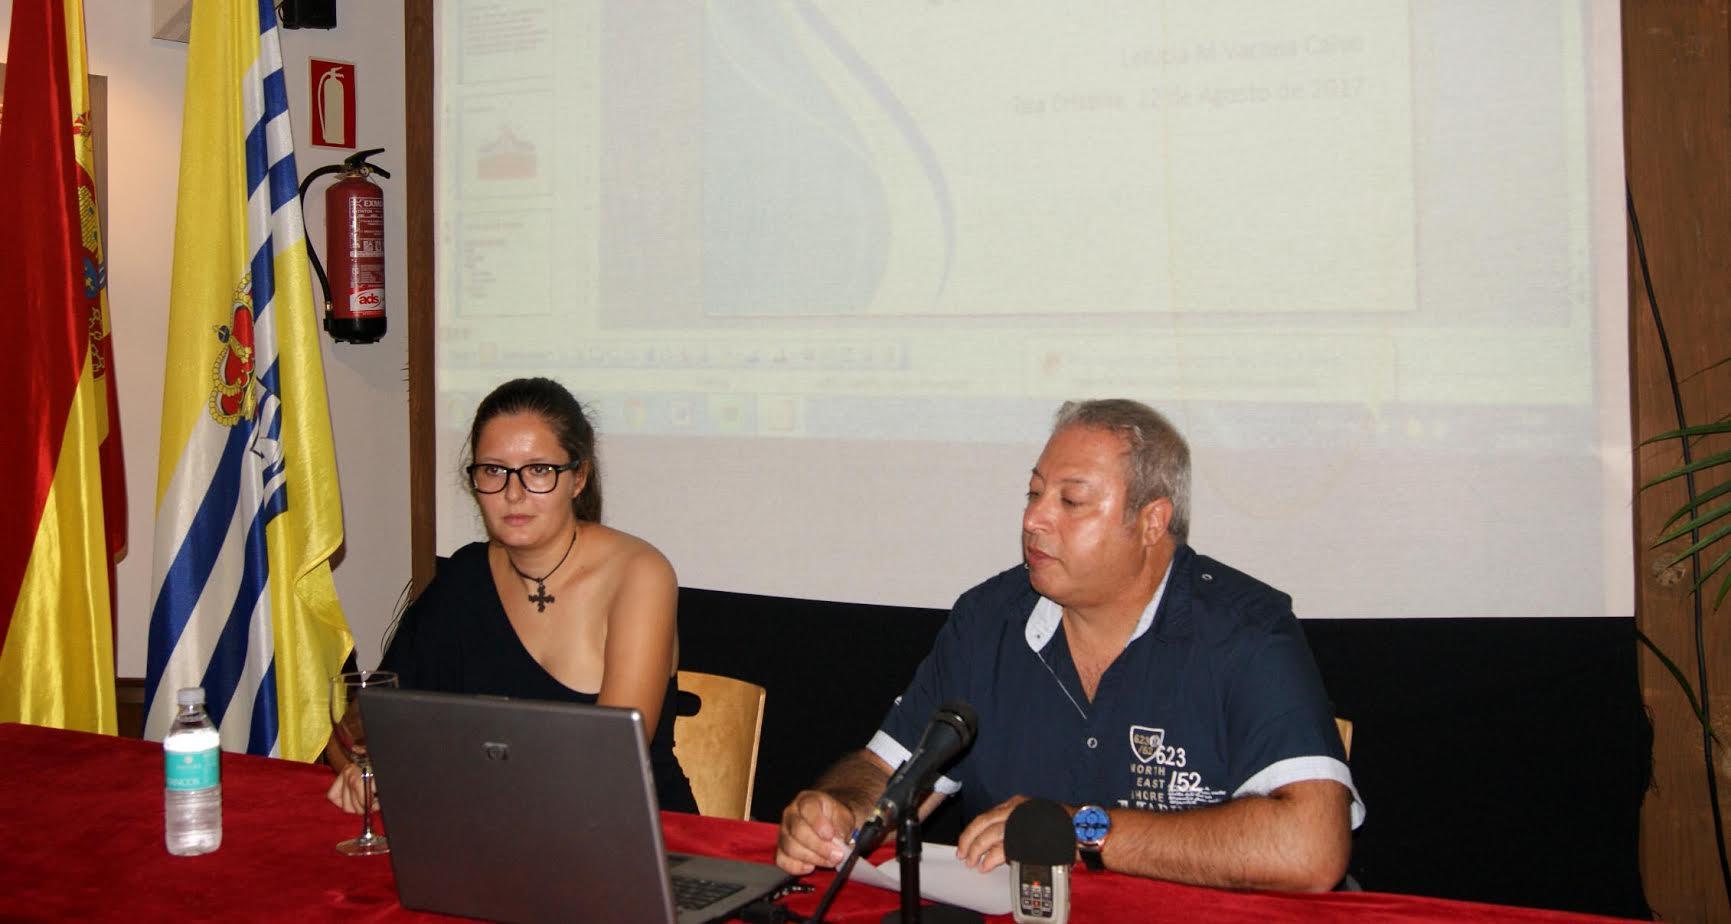 Los Supervolcanes centran la Ponencia del Ciclo 'Los Martes Culturales' en Isla Cristina